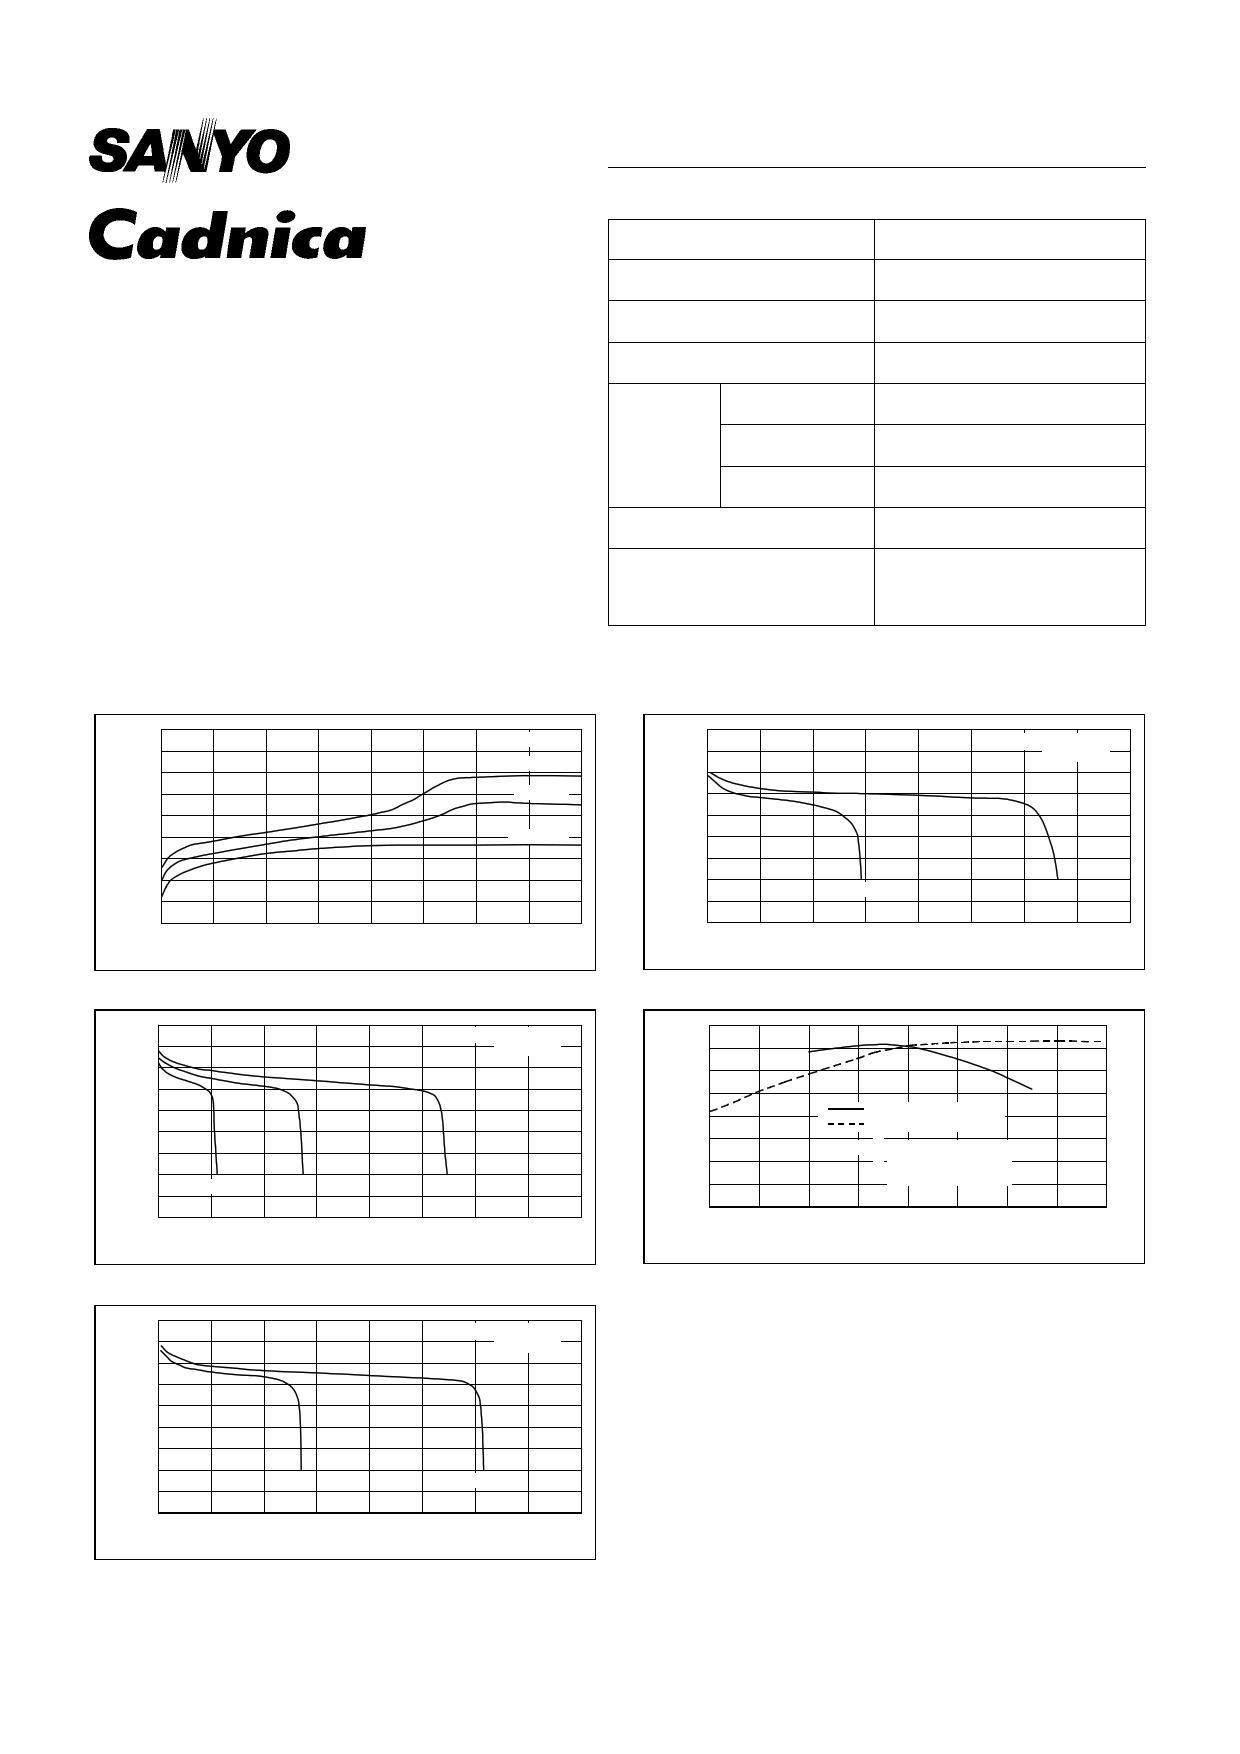 N-3U Hoja de datos, Descripción, Manual